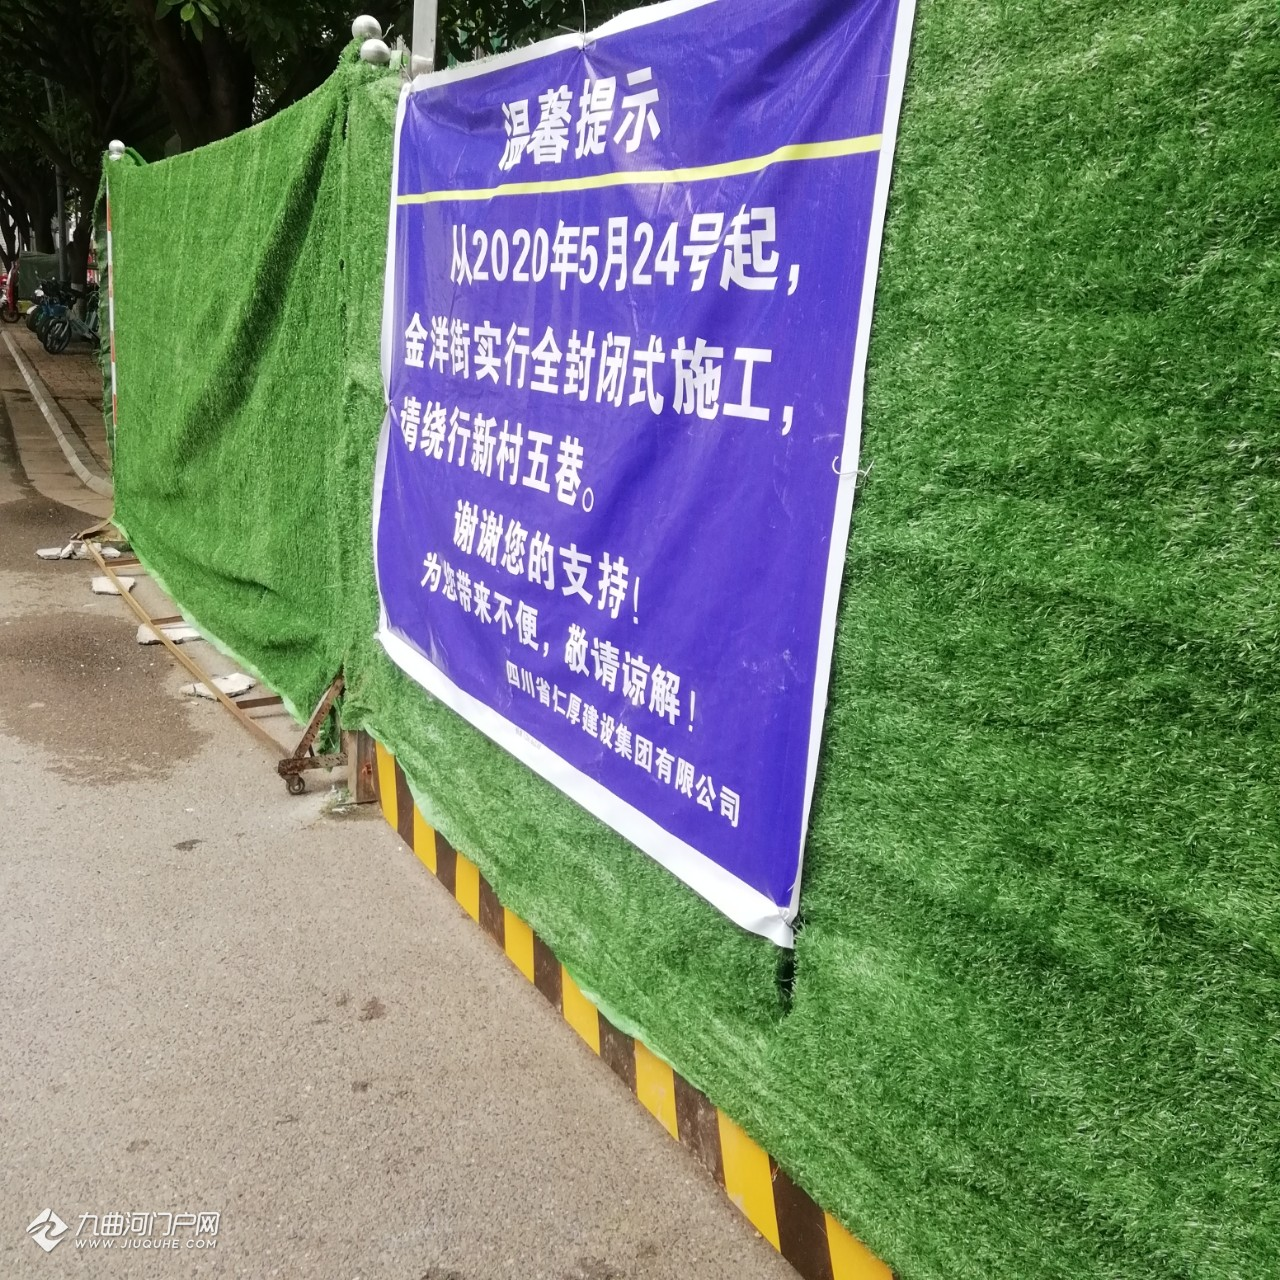 支持老城改造工程,资阳这条街再也看不见被暴雨水漫的泥泞景象了